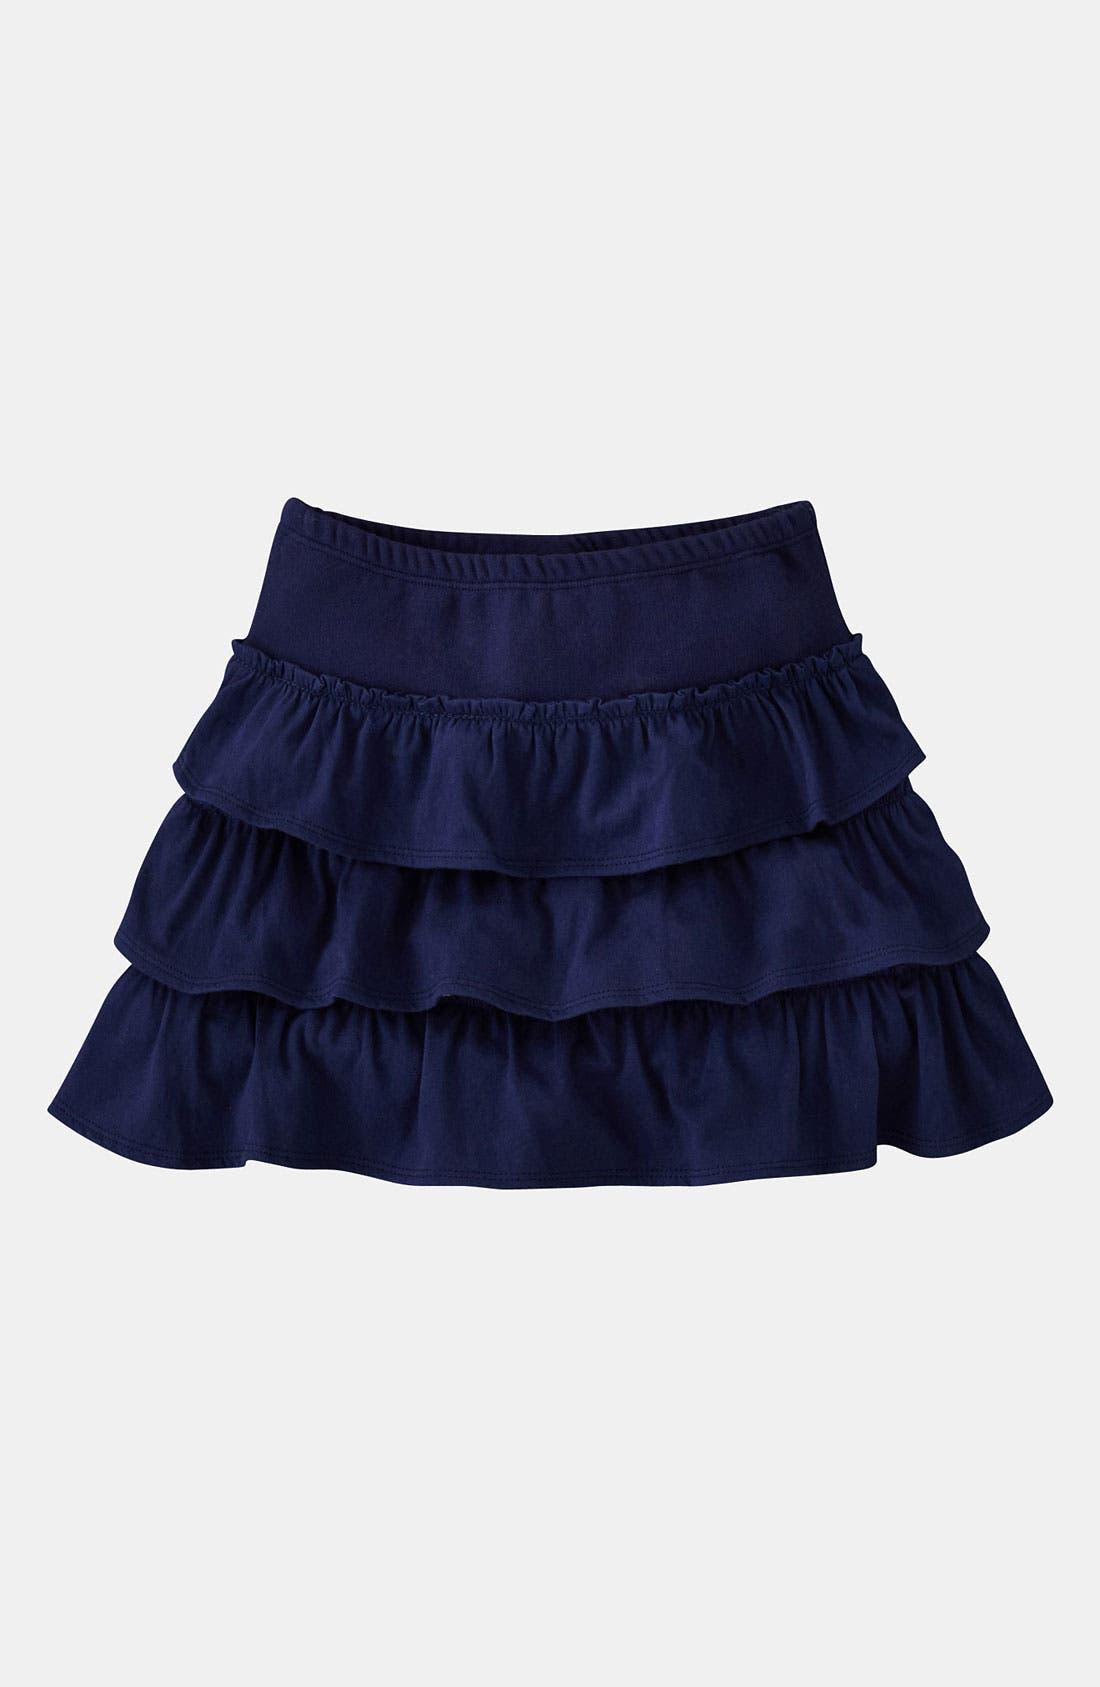 Alternate Image 1 Selected - Mini Boden Ruffle Jersey Skirt (Toddler)